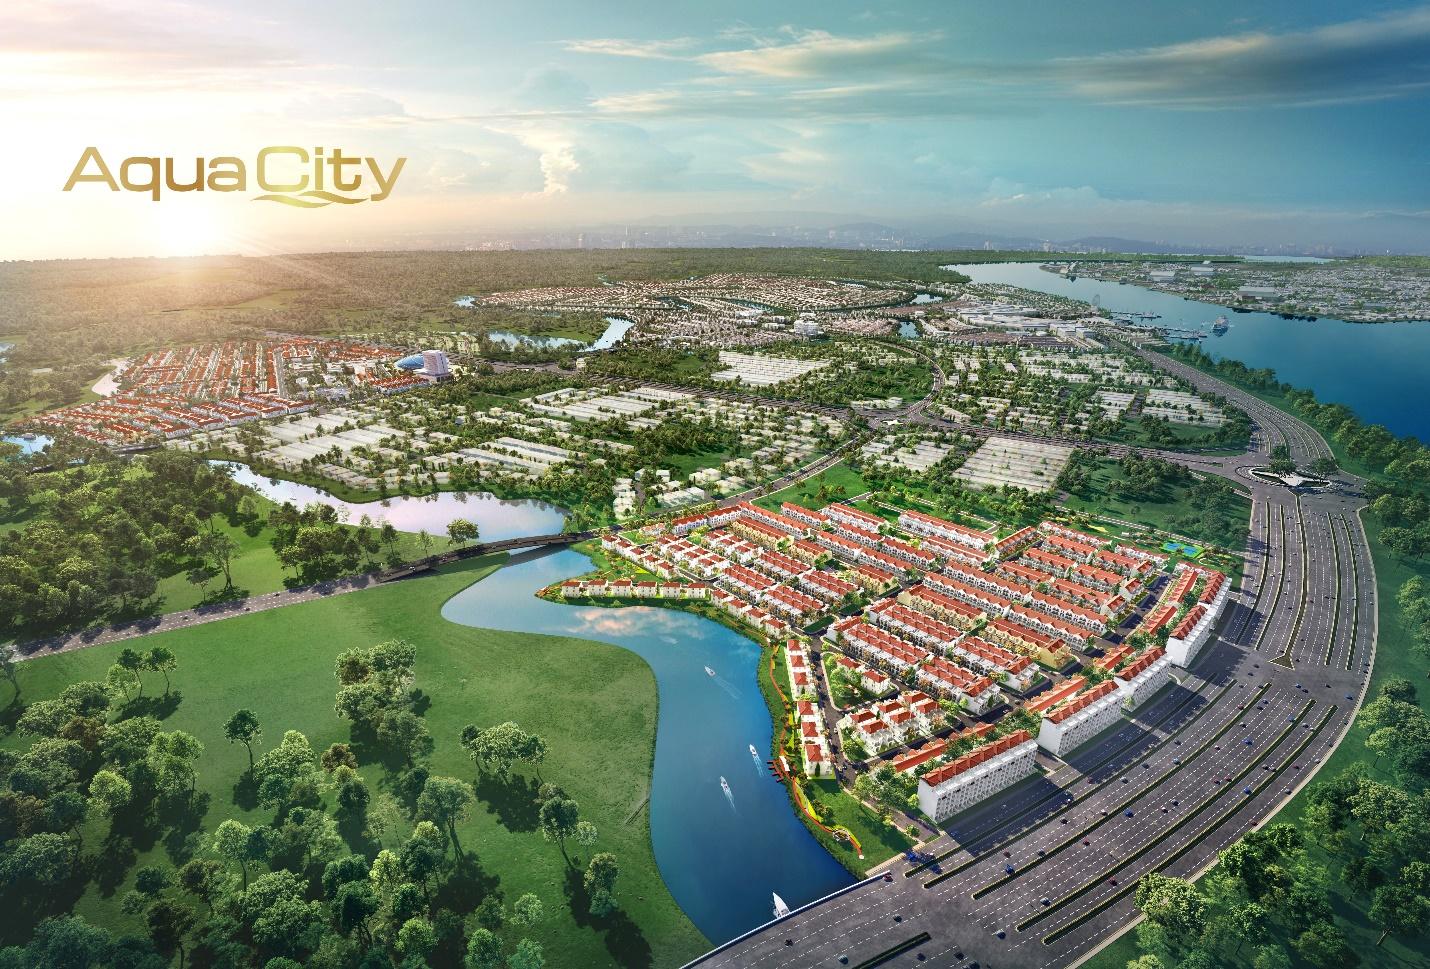 Vì sao giới đầu tư quyết định xuống tiền cho phân khu River Park 1 tại Aqua City?